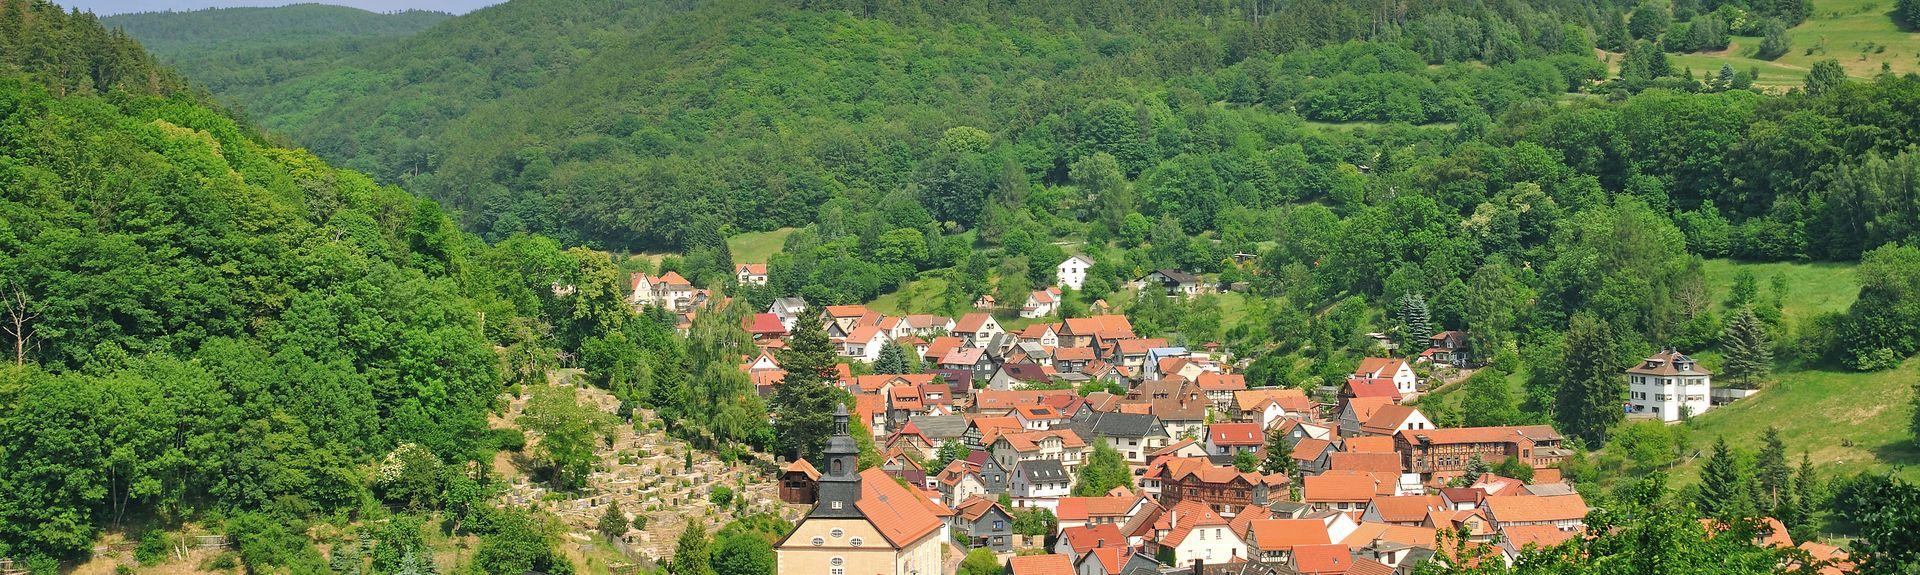 Oberhof, Thüringen, Deutschland